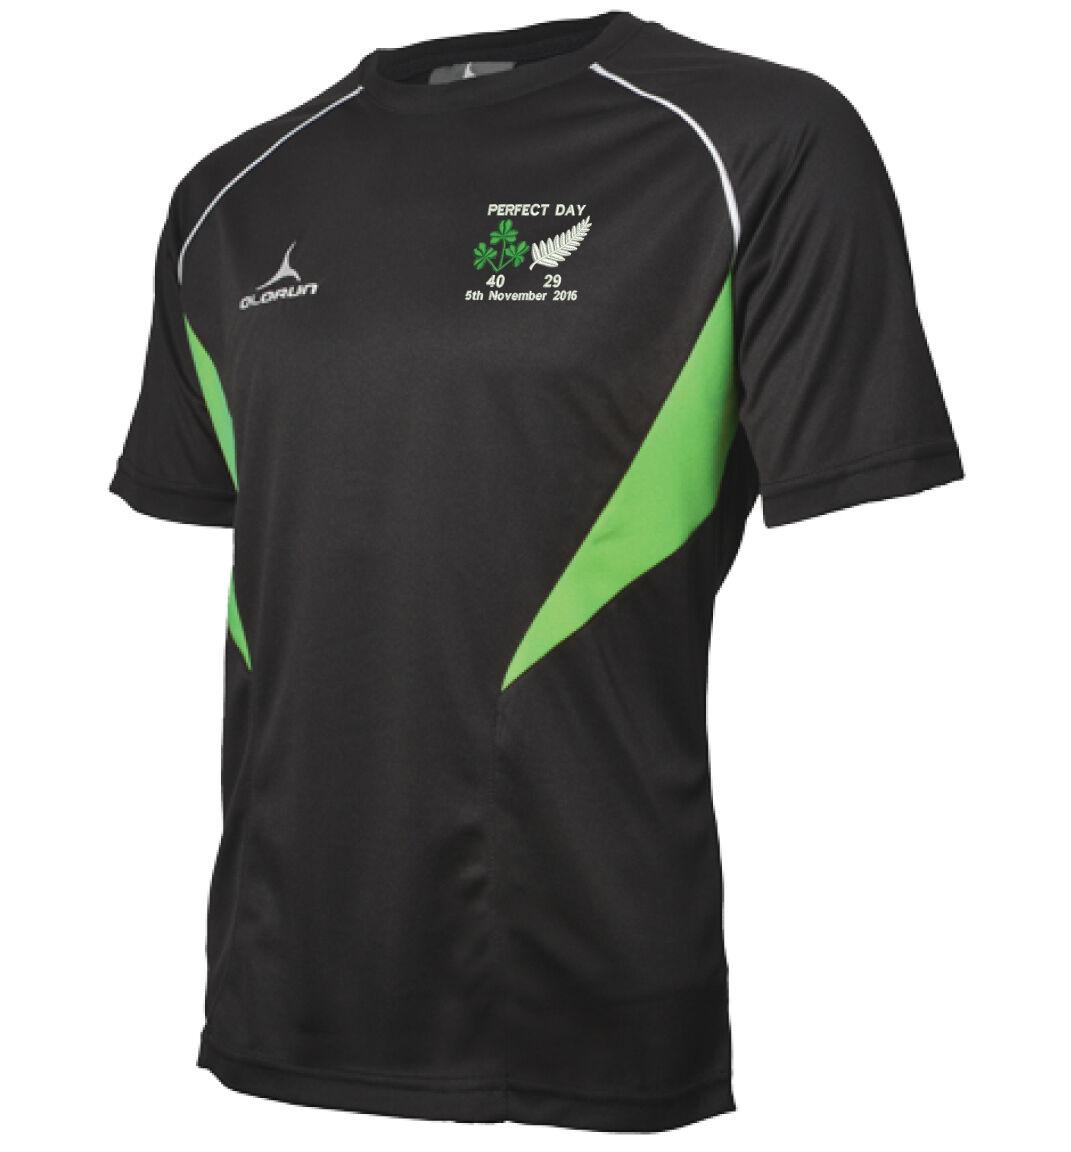 Irlande Vs Vs Irlande Nouvelle Zélande Perfect Day Rugby Flux T - Tailles De Chemise Y-XXXL 066fe9